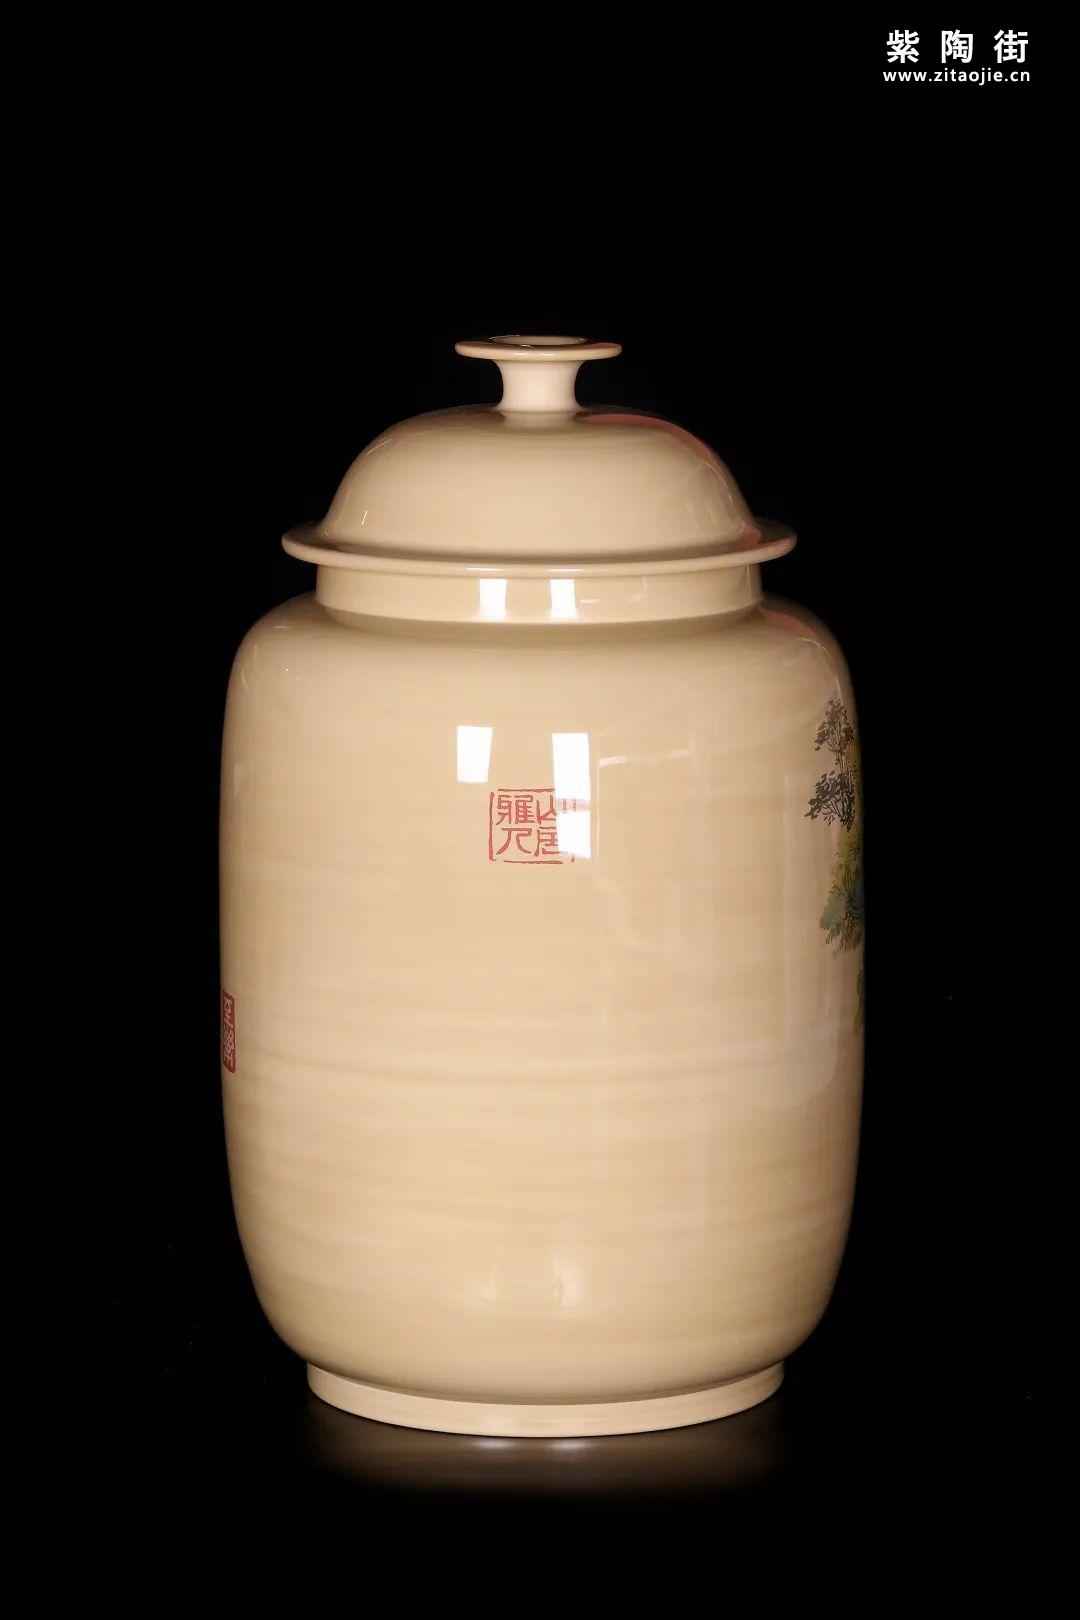 廖建忠、廖渊涵的青绿山水装饰紫陶缸插图11